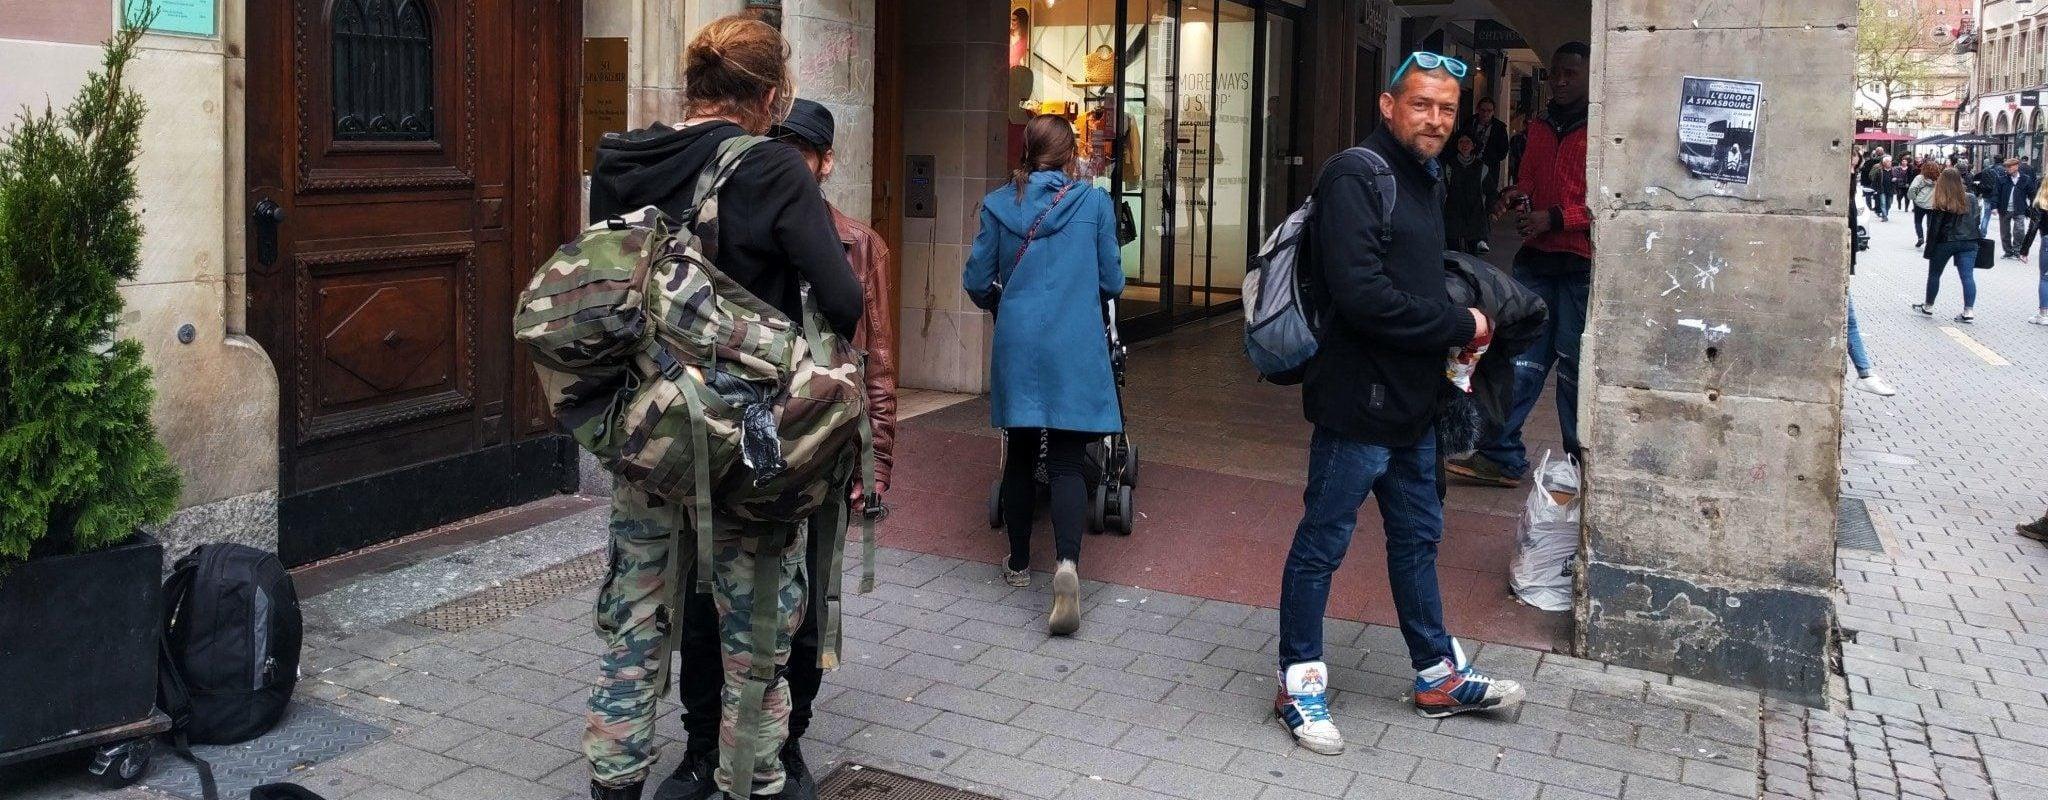 Saisi en urgence, le tribunal administratif maintient l'arrêté anti-mendicité